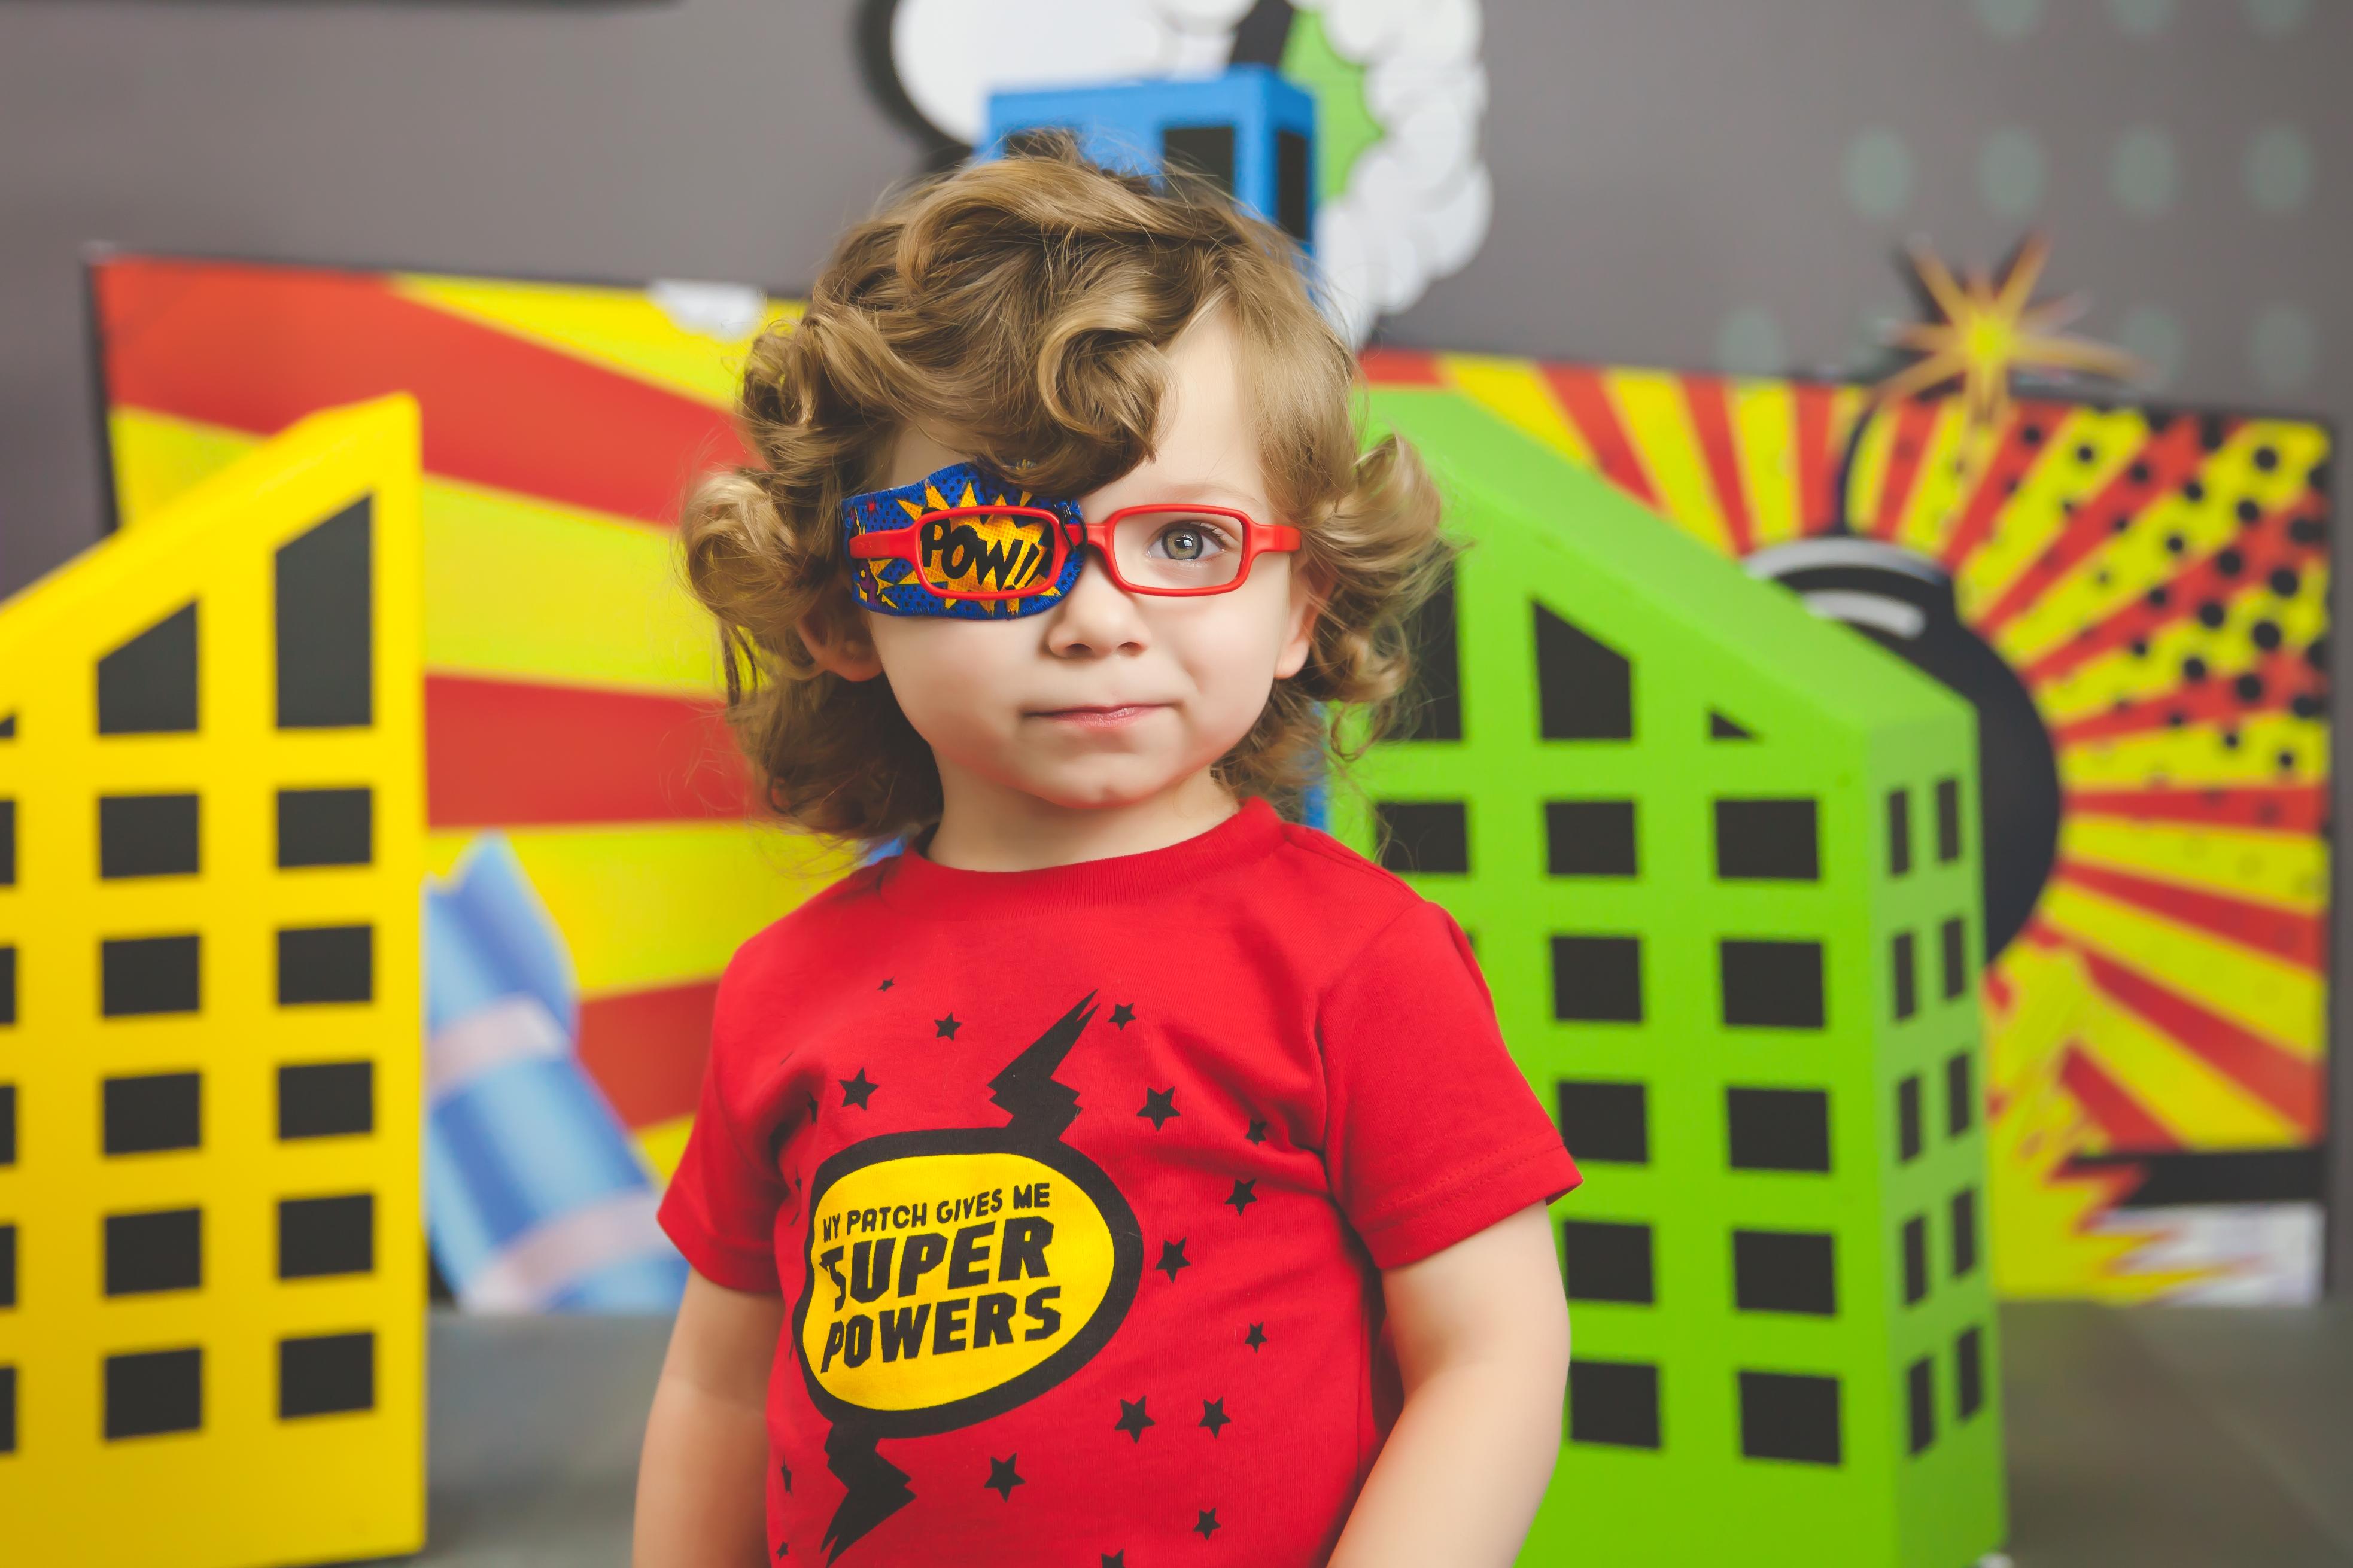 Making eye patching fun for kids through technology